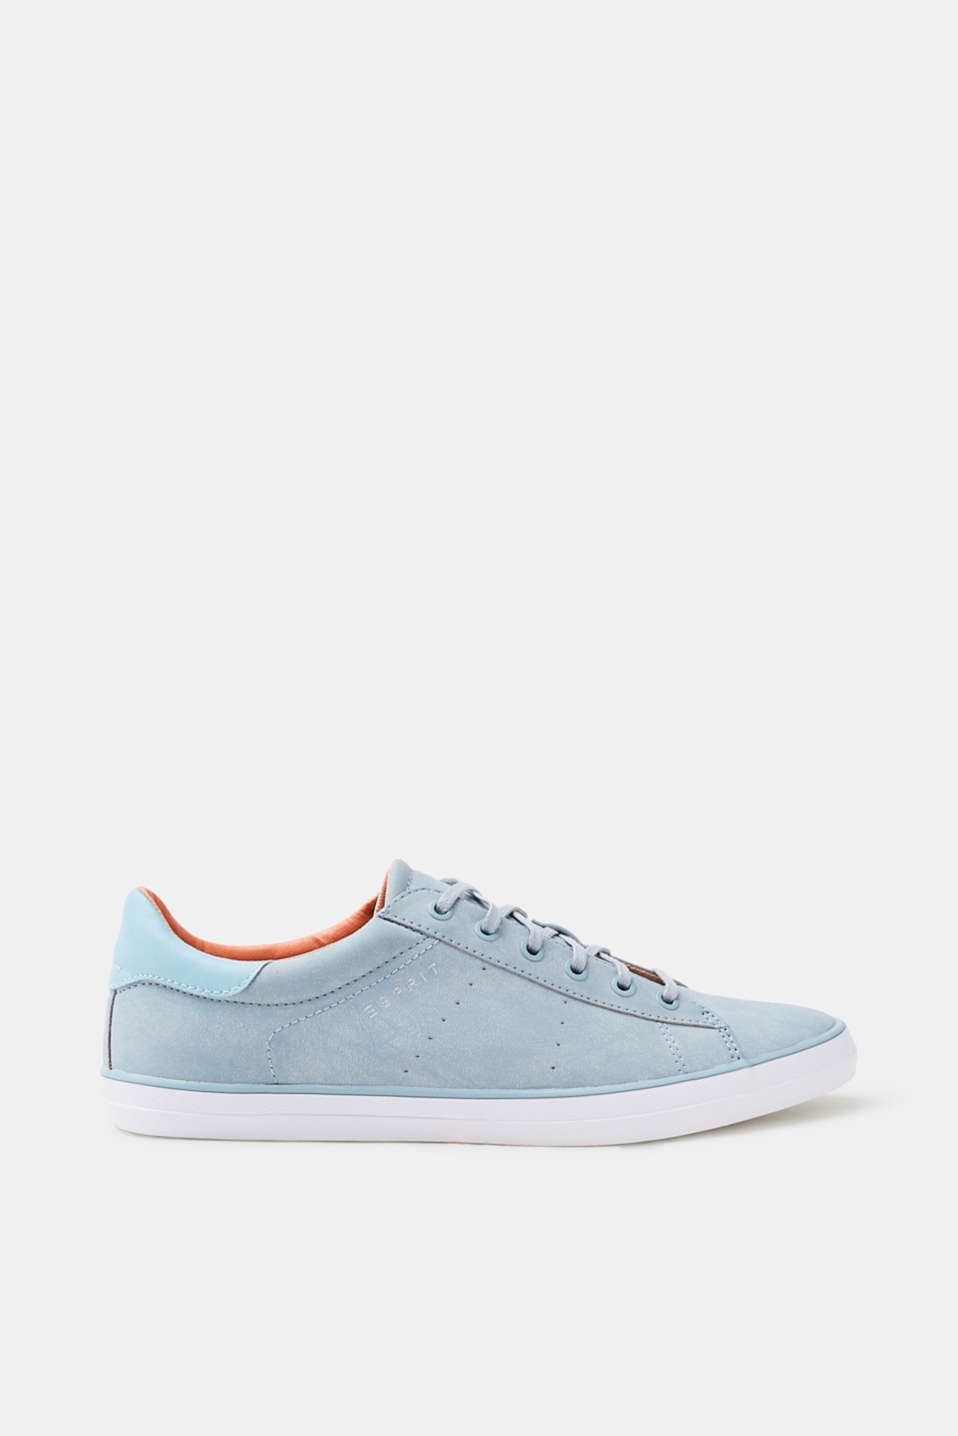 Esprit Sneaker mit Farbakzent, in Leder-Optik für Damen, Größe 41, Aqua Green